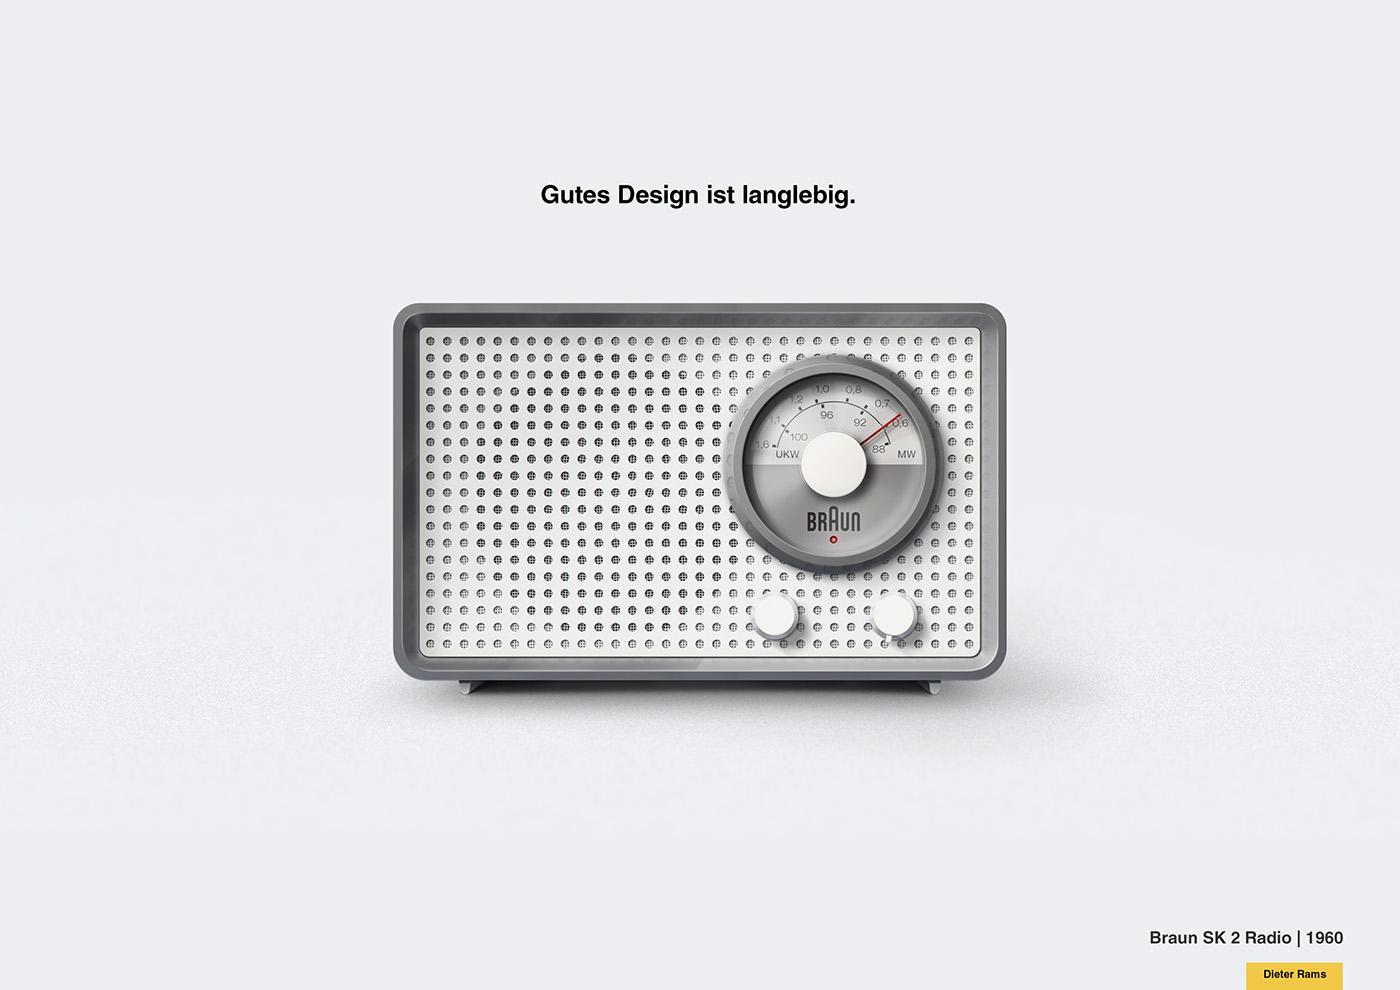 Dieter Rams dieter rams illustrations on behance